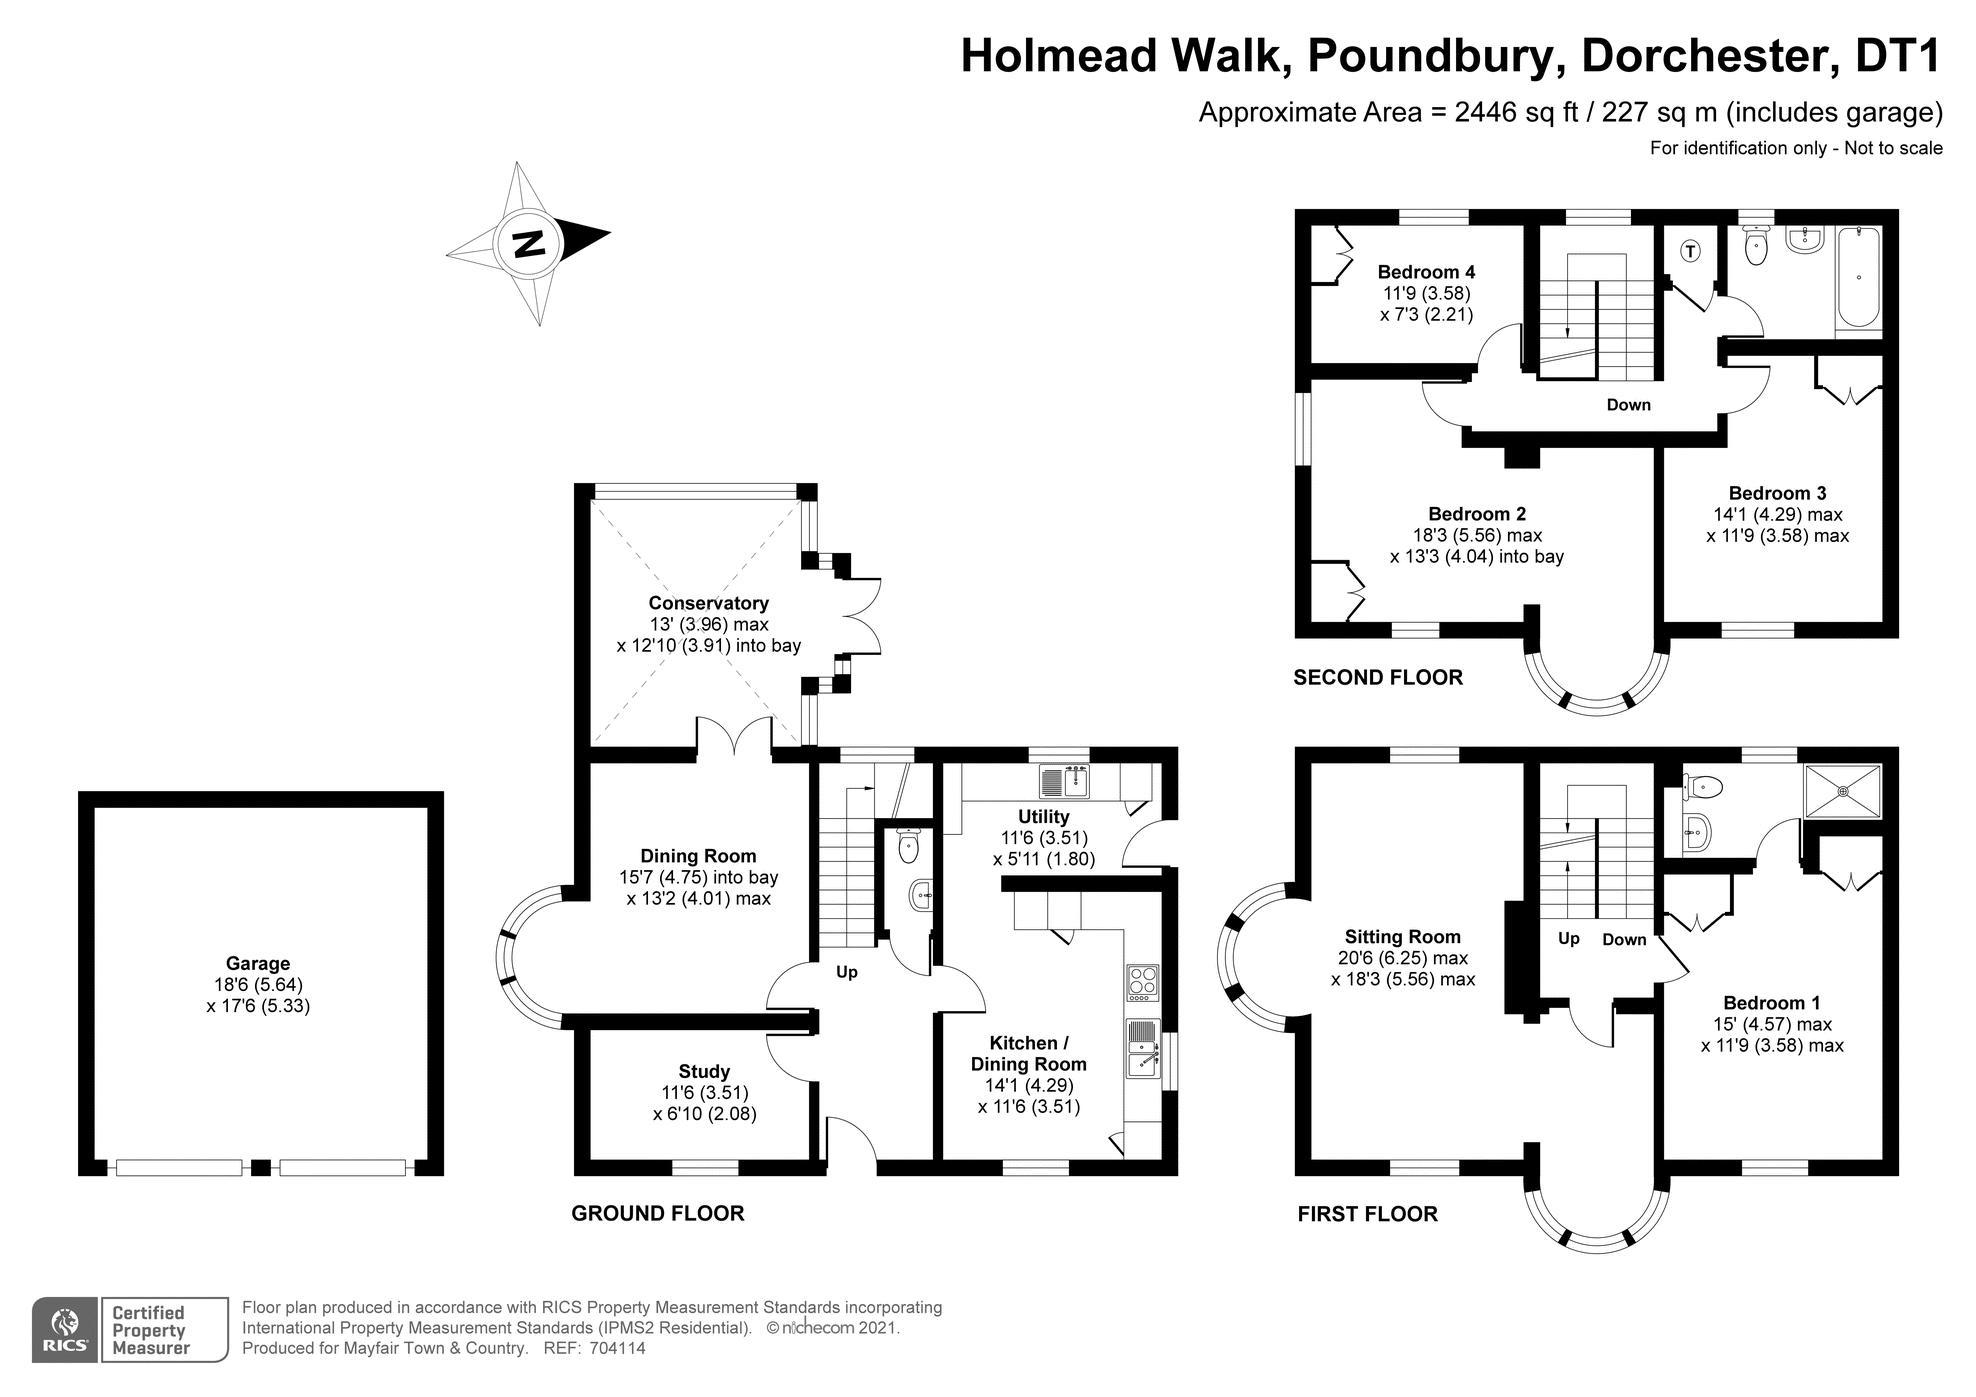 Holmead Walk Poundbury